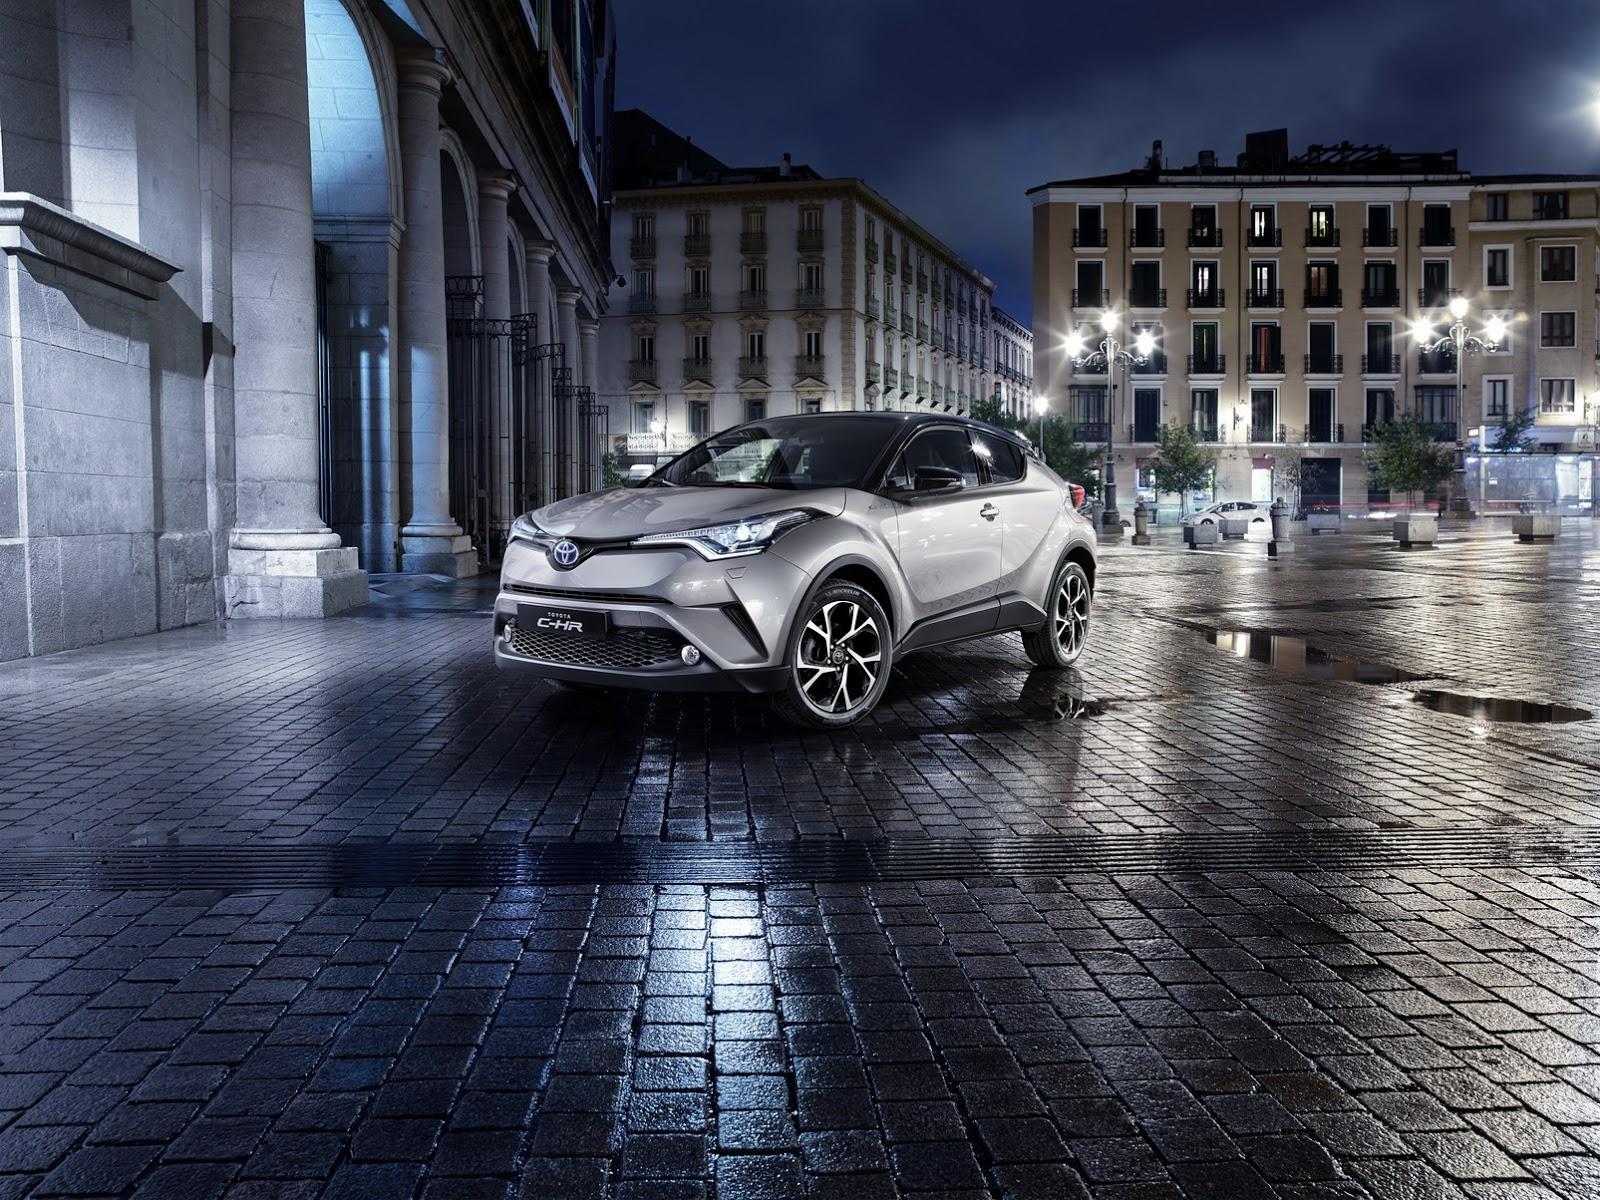 Dự kiến, Toyota C-HR sẽ chính thức có mặt trên thị trường châu Âu vào mùa thu năm nay. Trong khi đó, Mỹ và các thị trường khác trên toàn cầu sẽ phải chờ Toyota C-HR đến nửa đầu năm 2017.